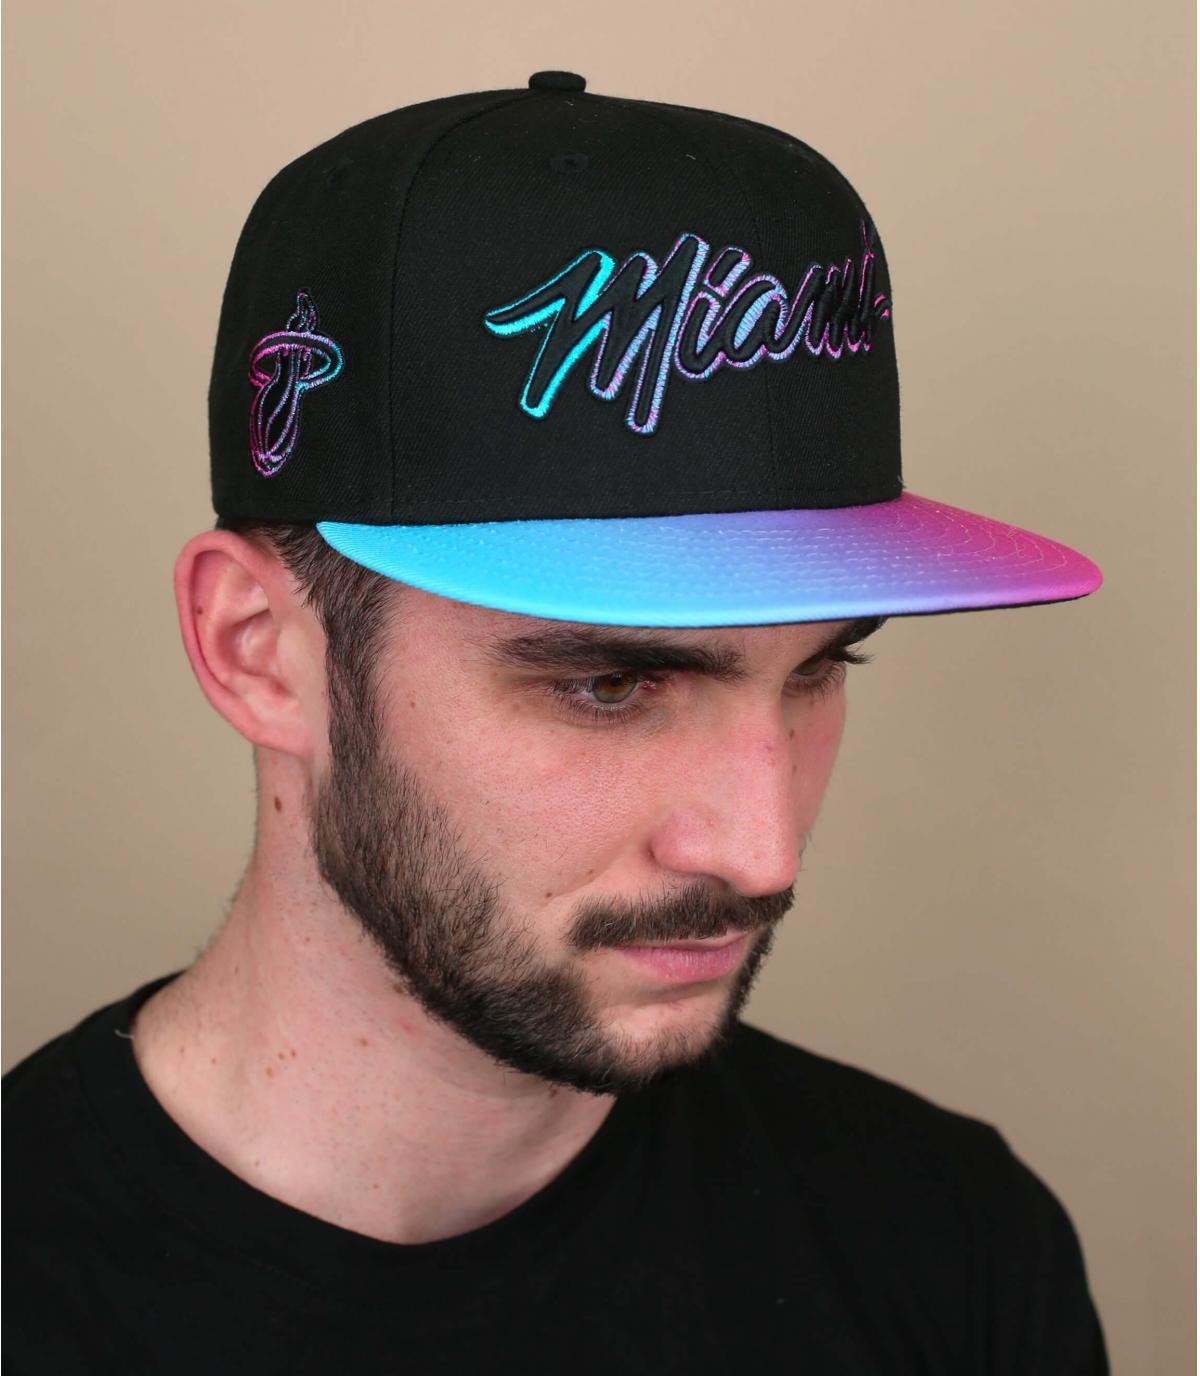 Cappellino Miami rosa nero